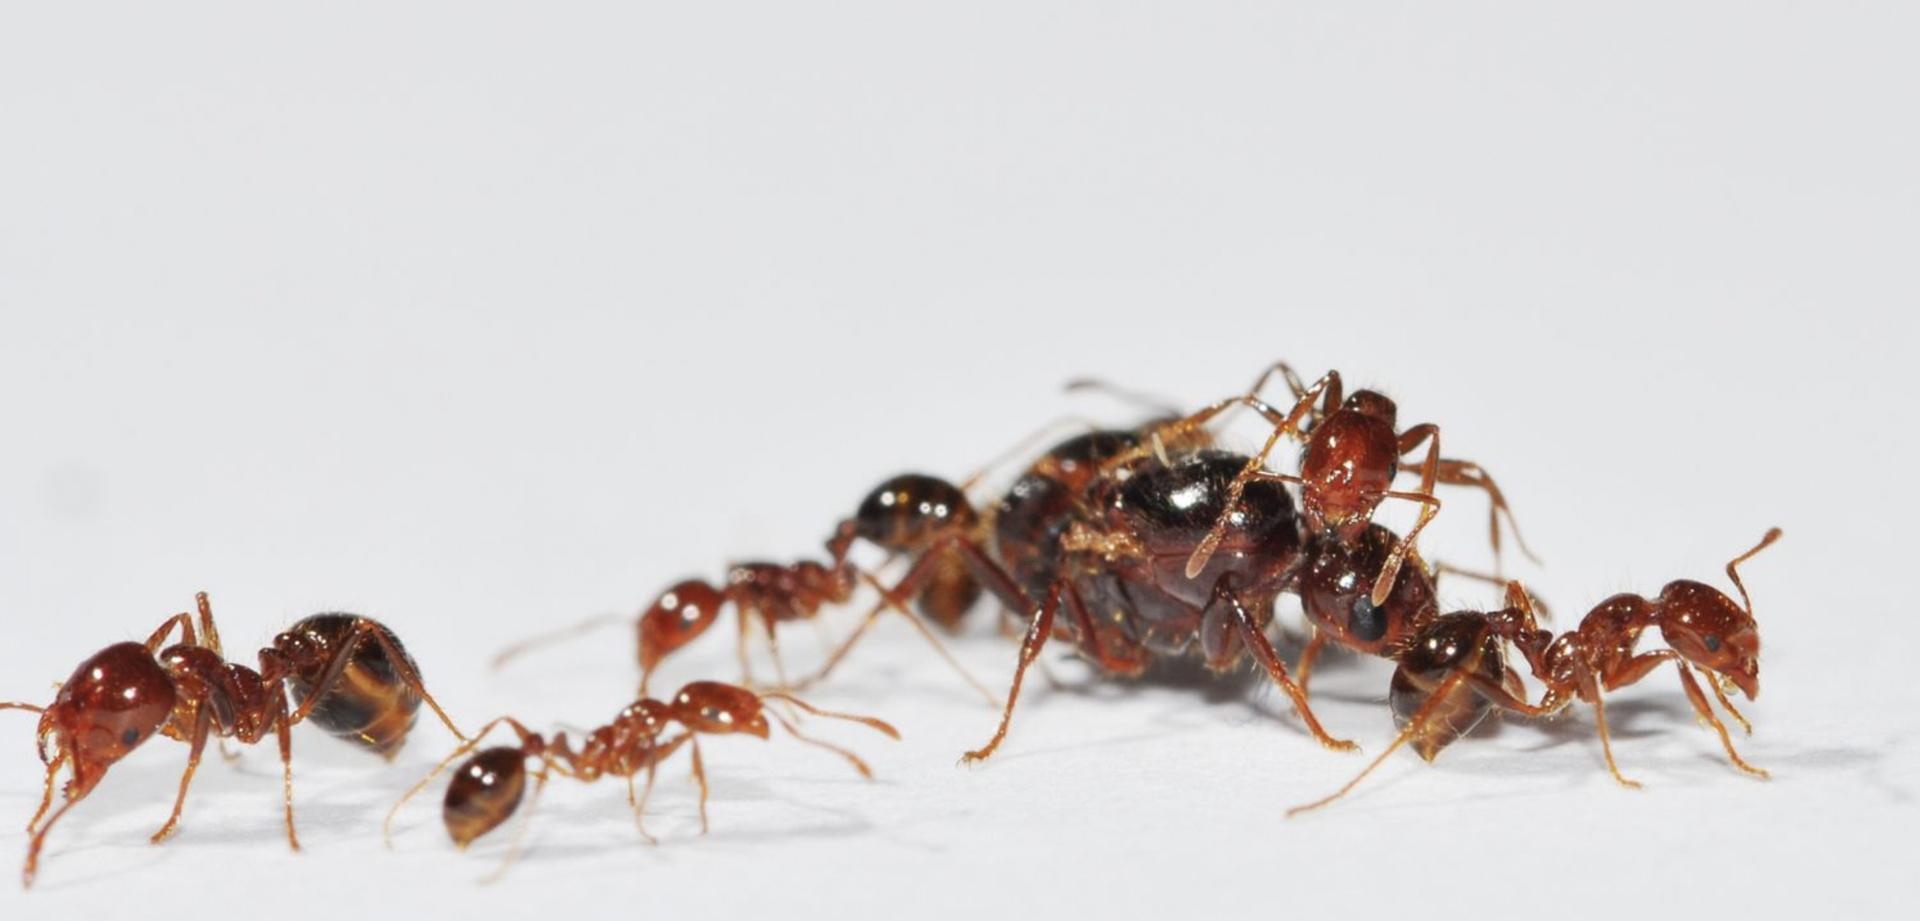 入侵紅火蟻 (以下簡稱紅火蟻) 原產在溫暖、潮溼的南美,1920 年代傳入美國,擴散到全美各地,再透過進出口貨物、盆栽泥土傳播,從美國擴散到澳洲、中國、日本、韓國、臺灣等地。圖片來源│王忠信